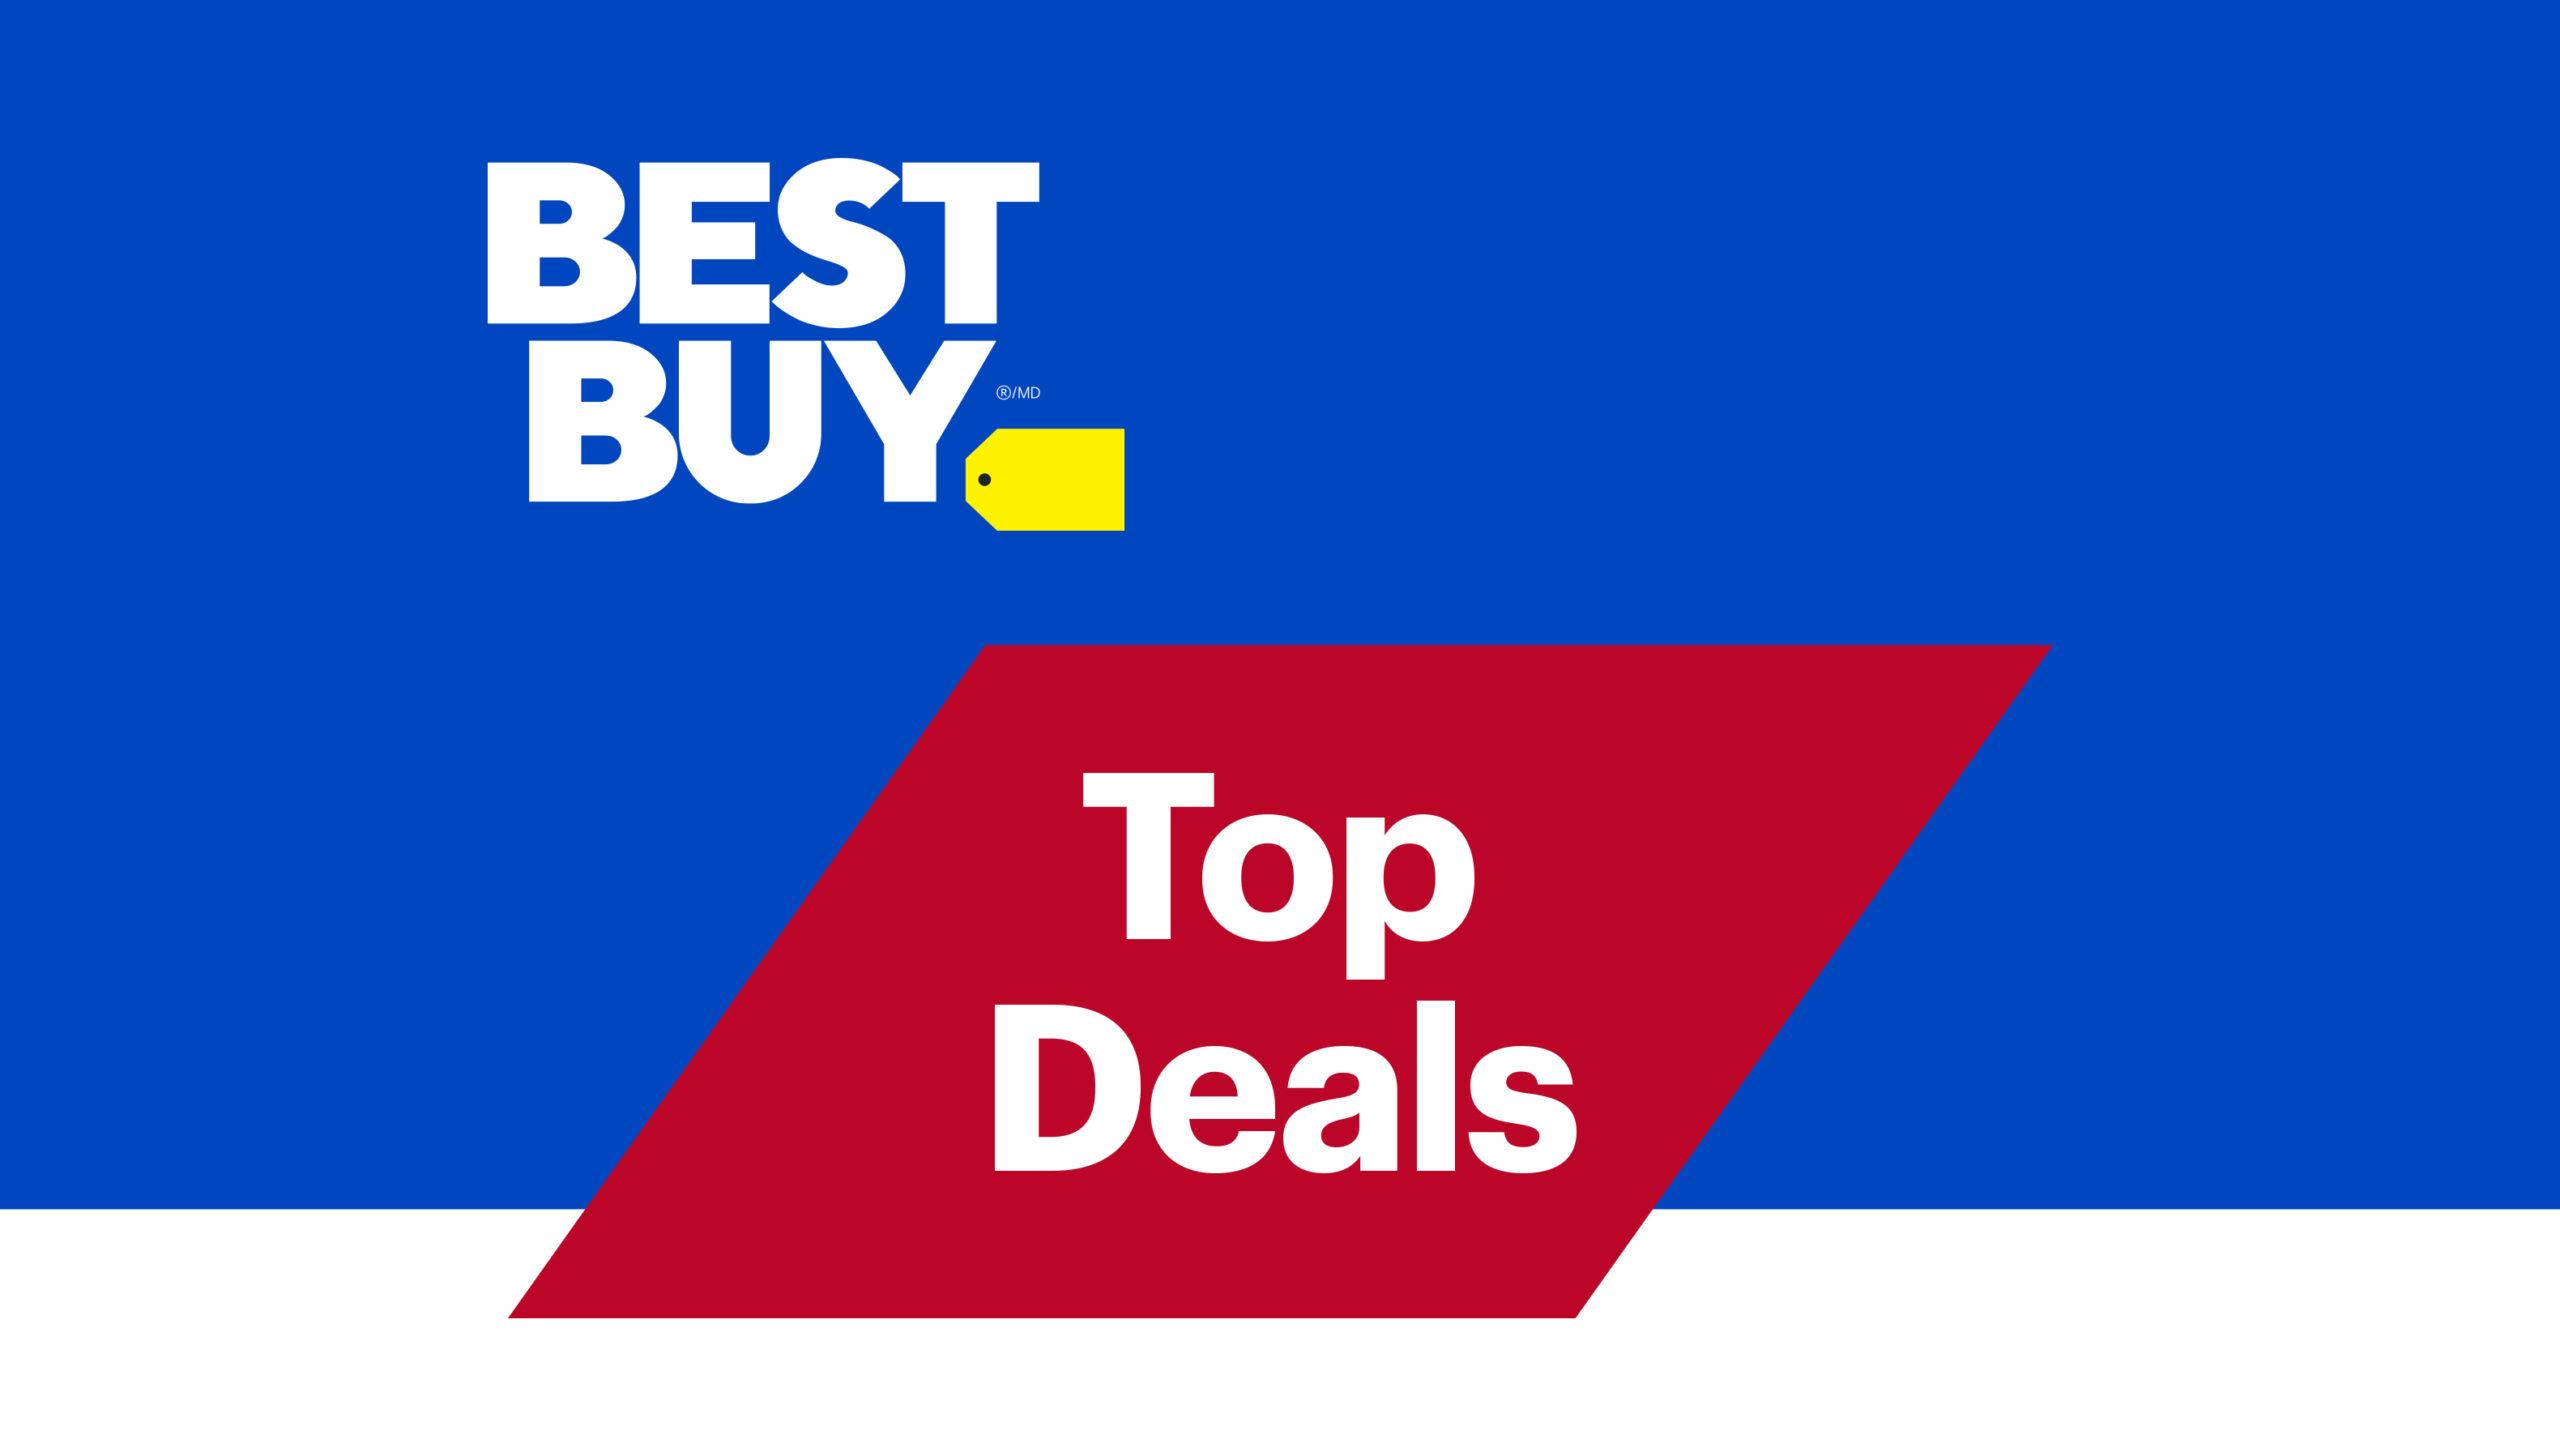 Best Buy Top Deals March 12, 2021